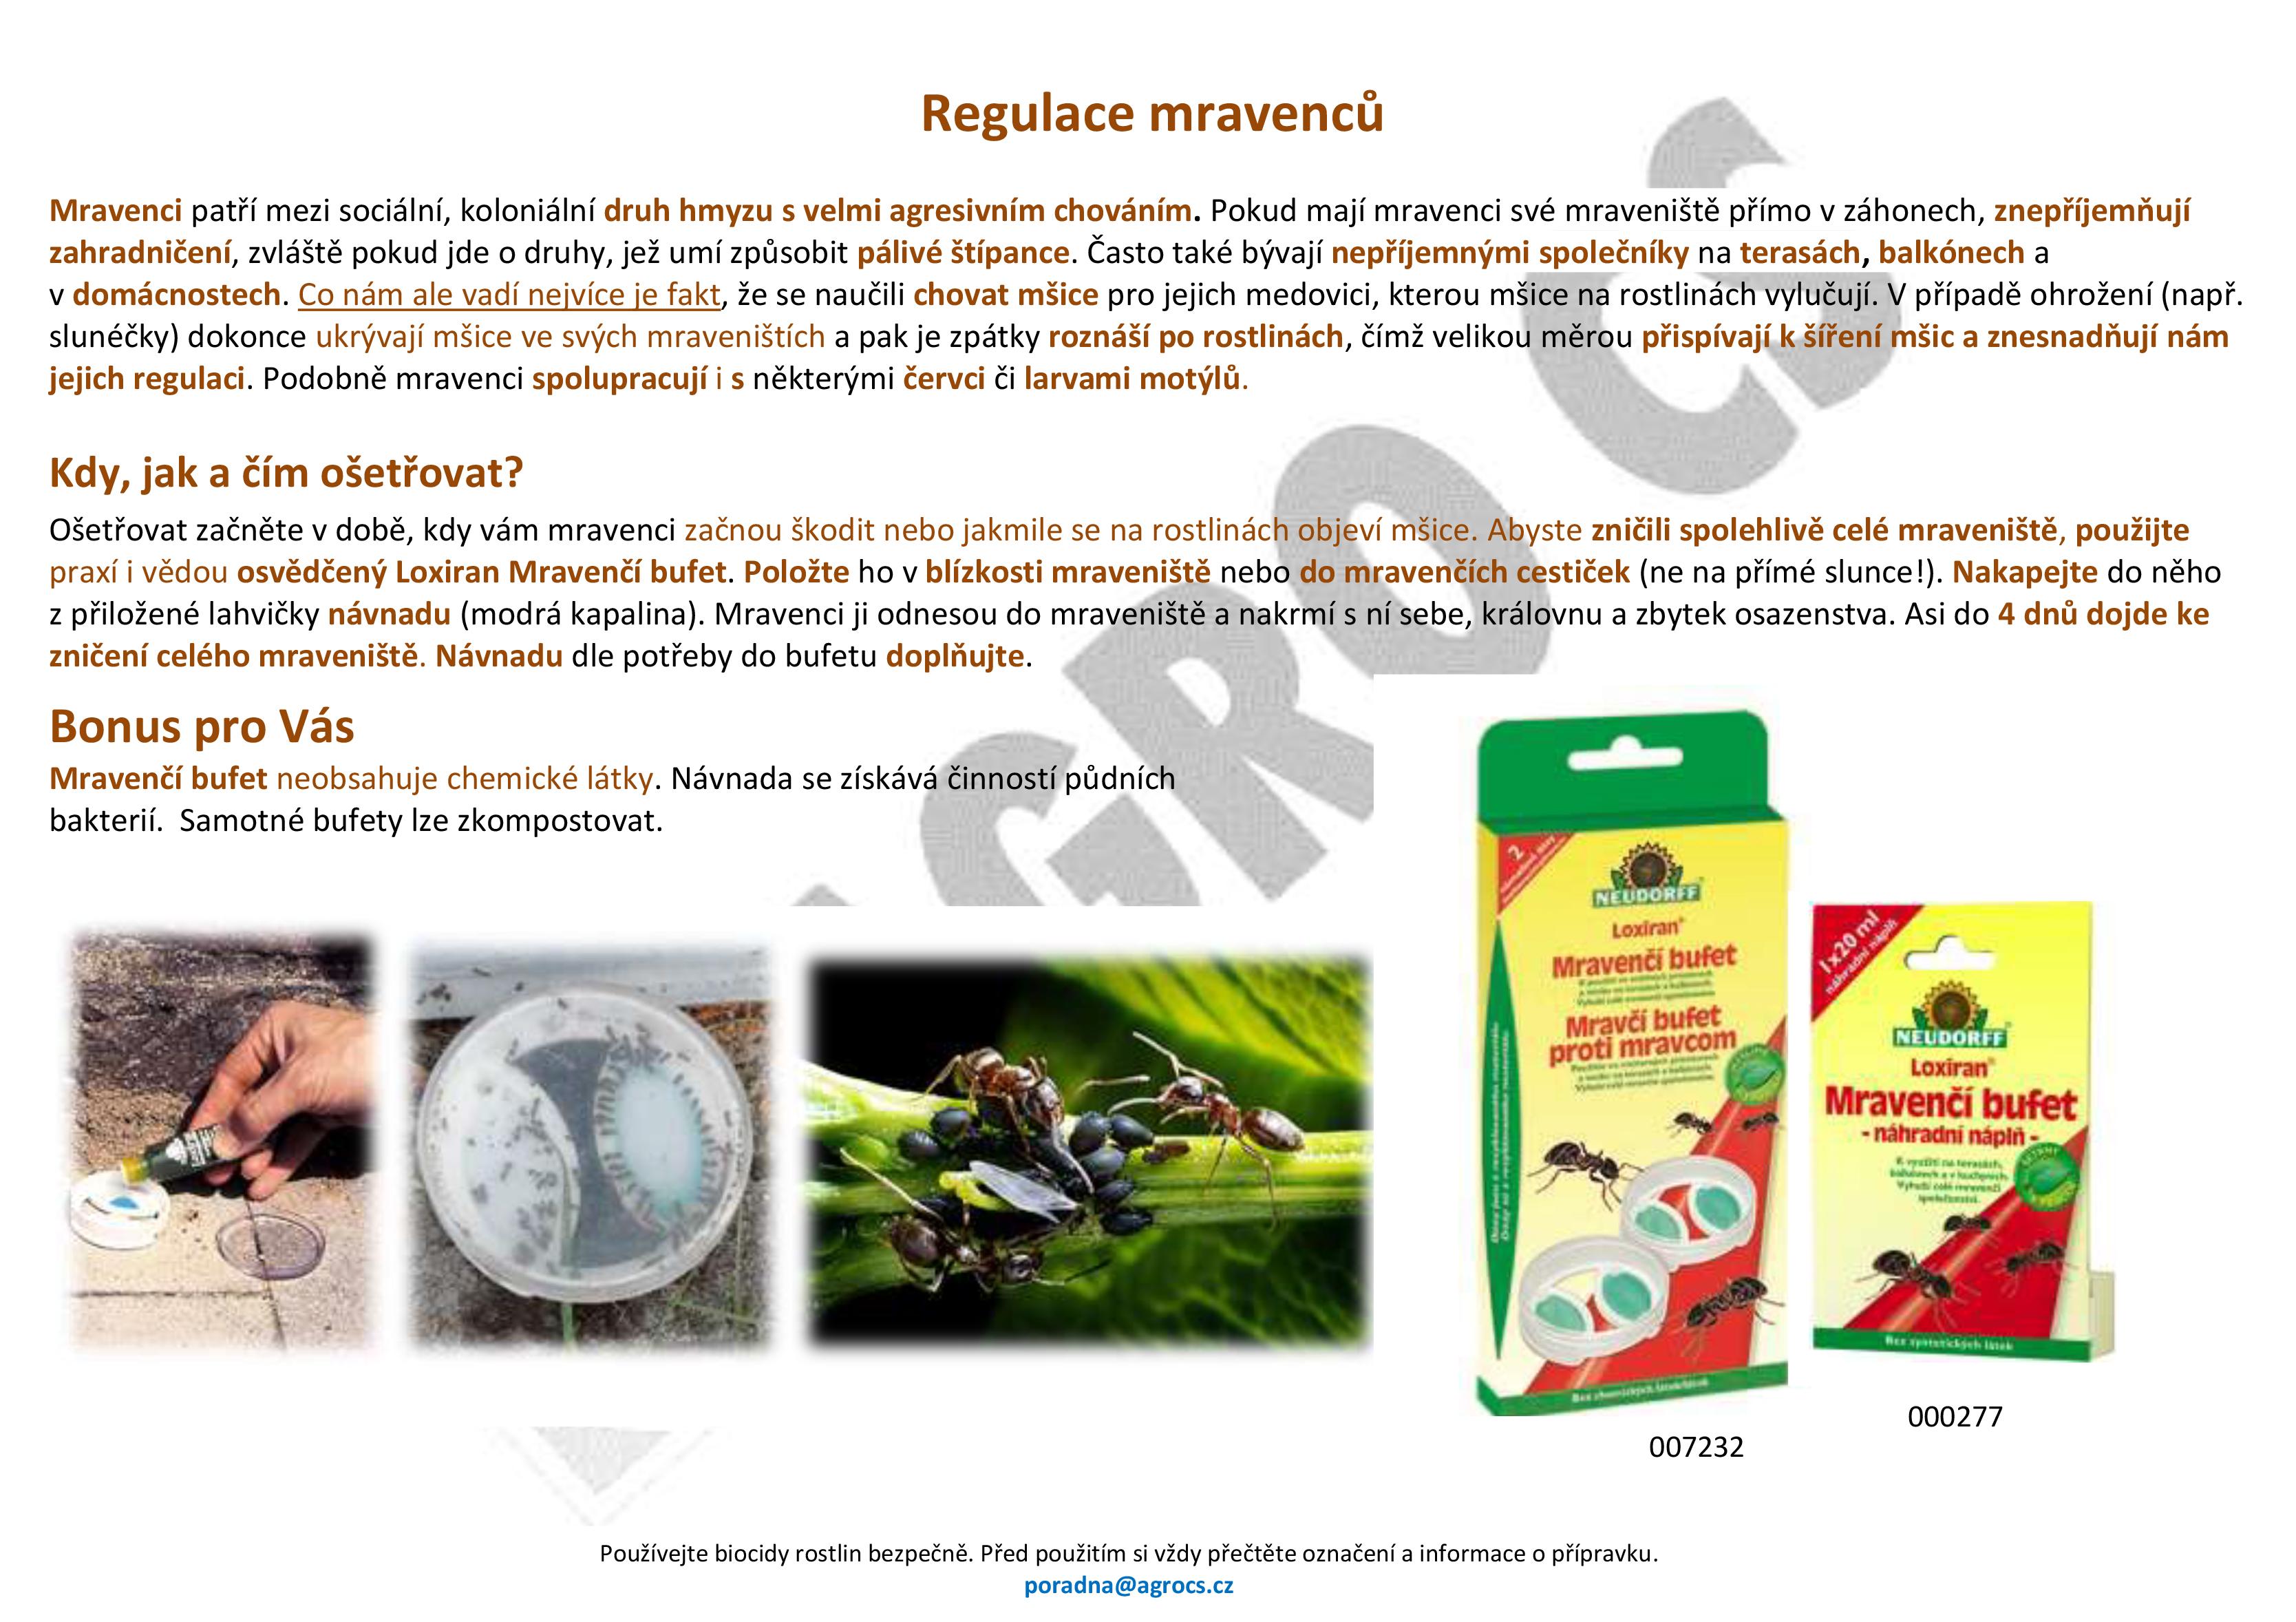 Regulace_mravenců_010620